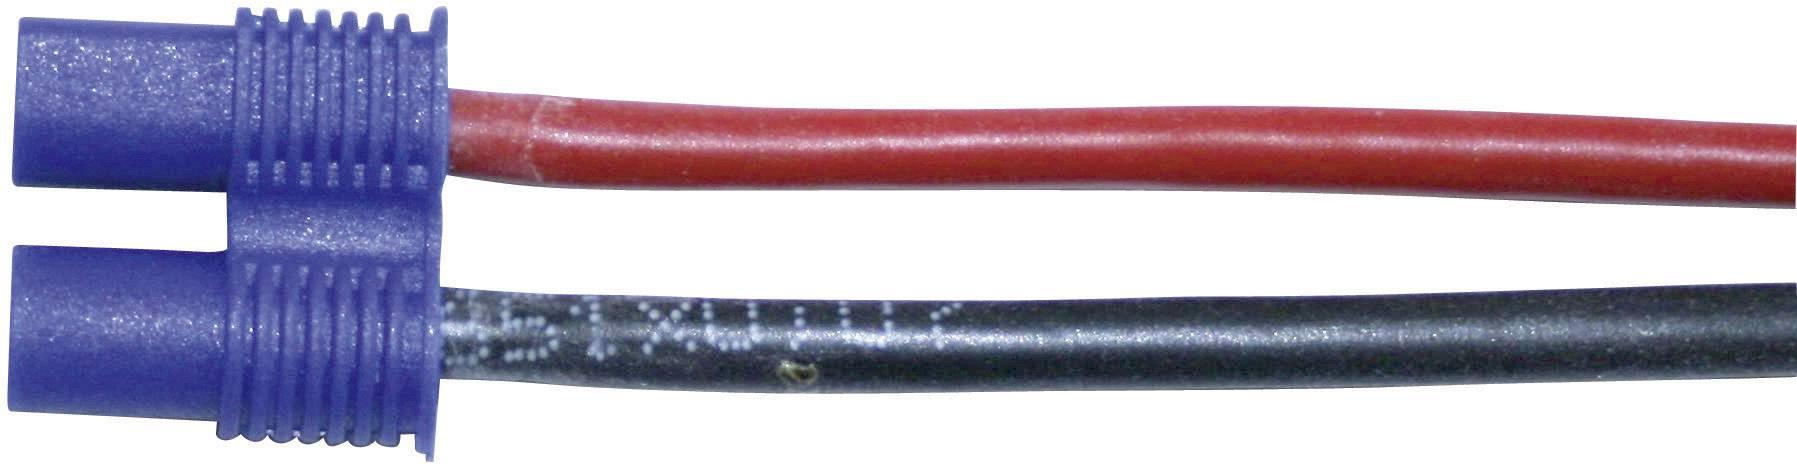 Napájecí kabel Modelcraft, EC3 zásuvka/zásuvka, 300 mm, 2,5 mm²